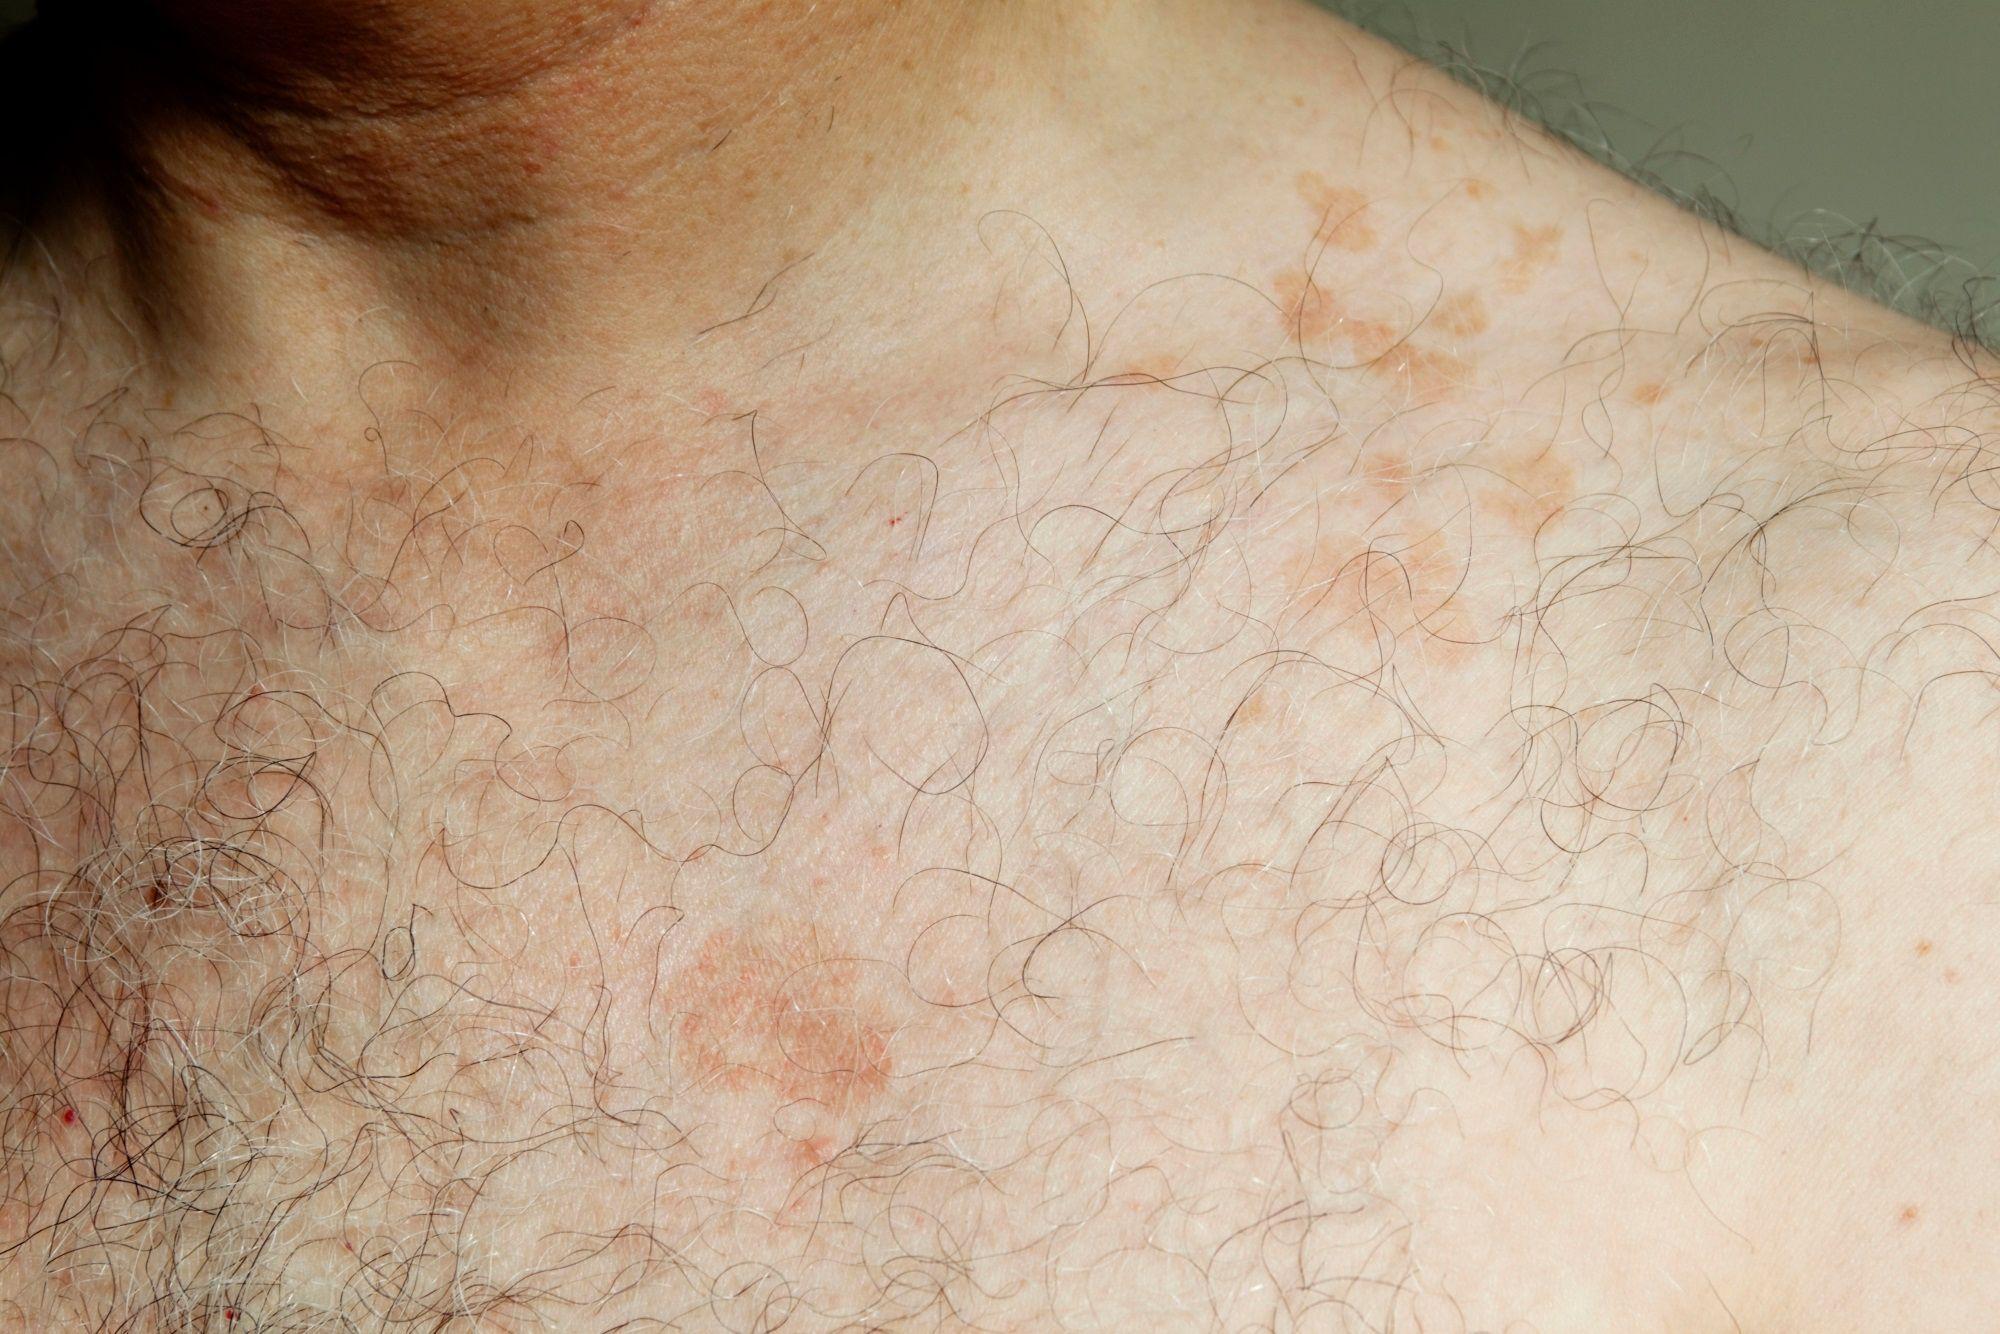 traitement contre les champignons sur la peau